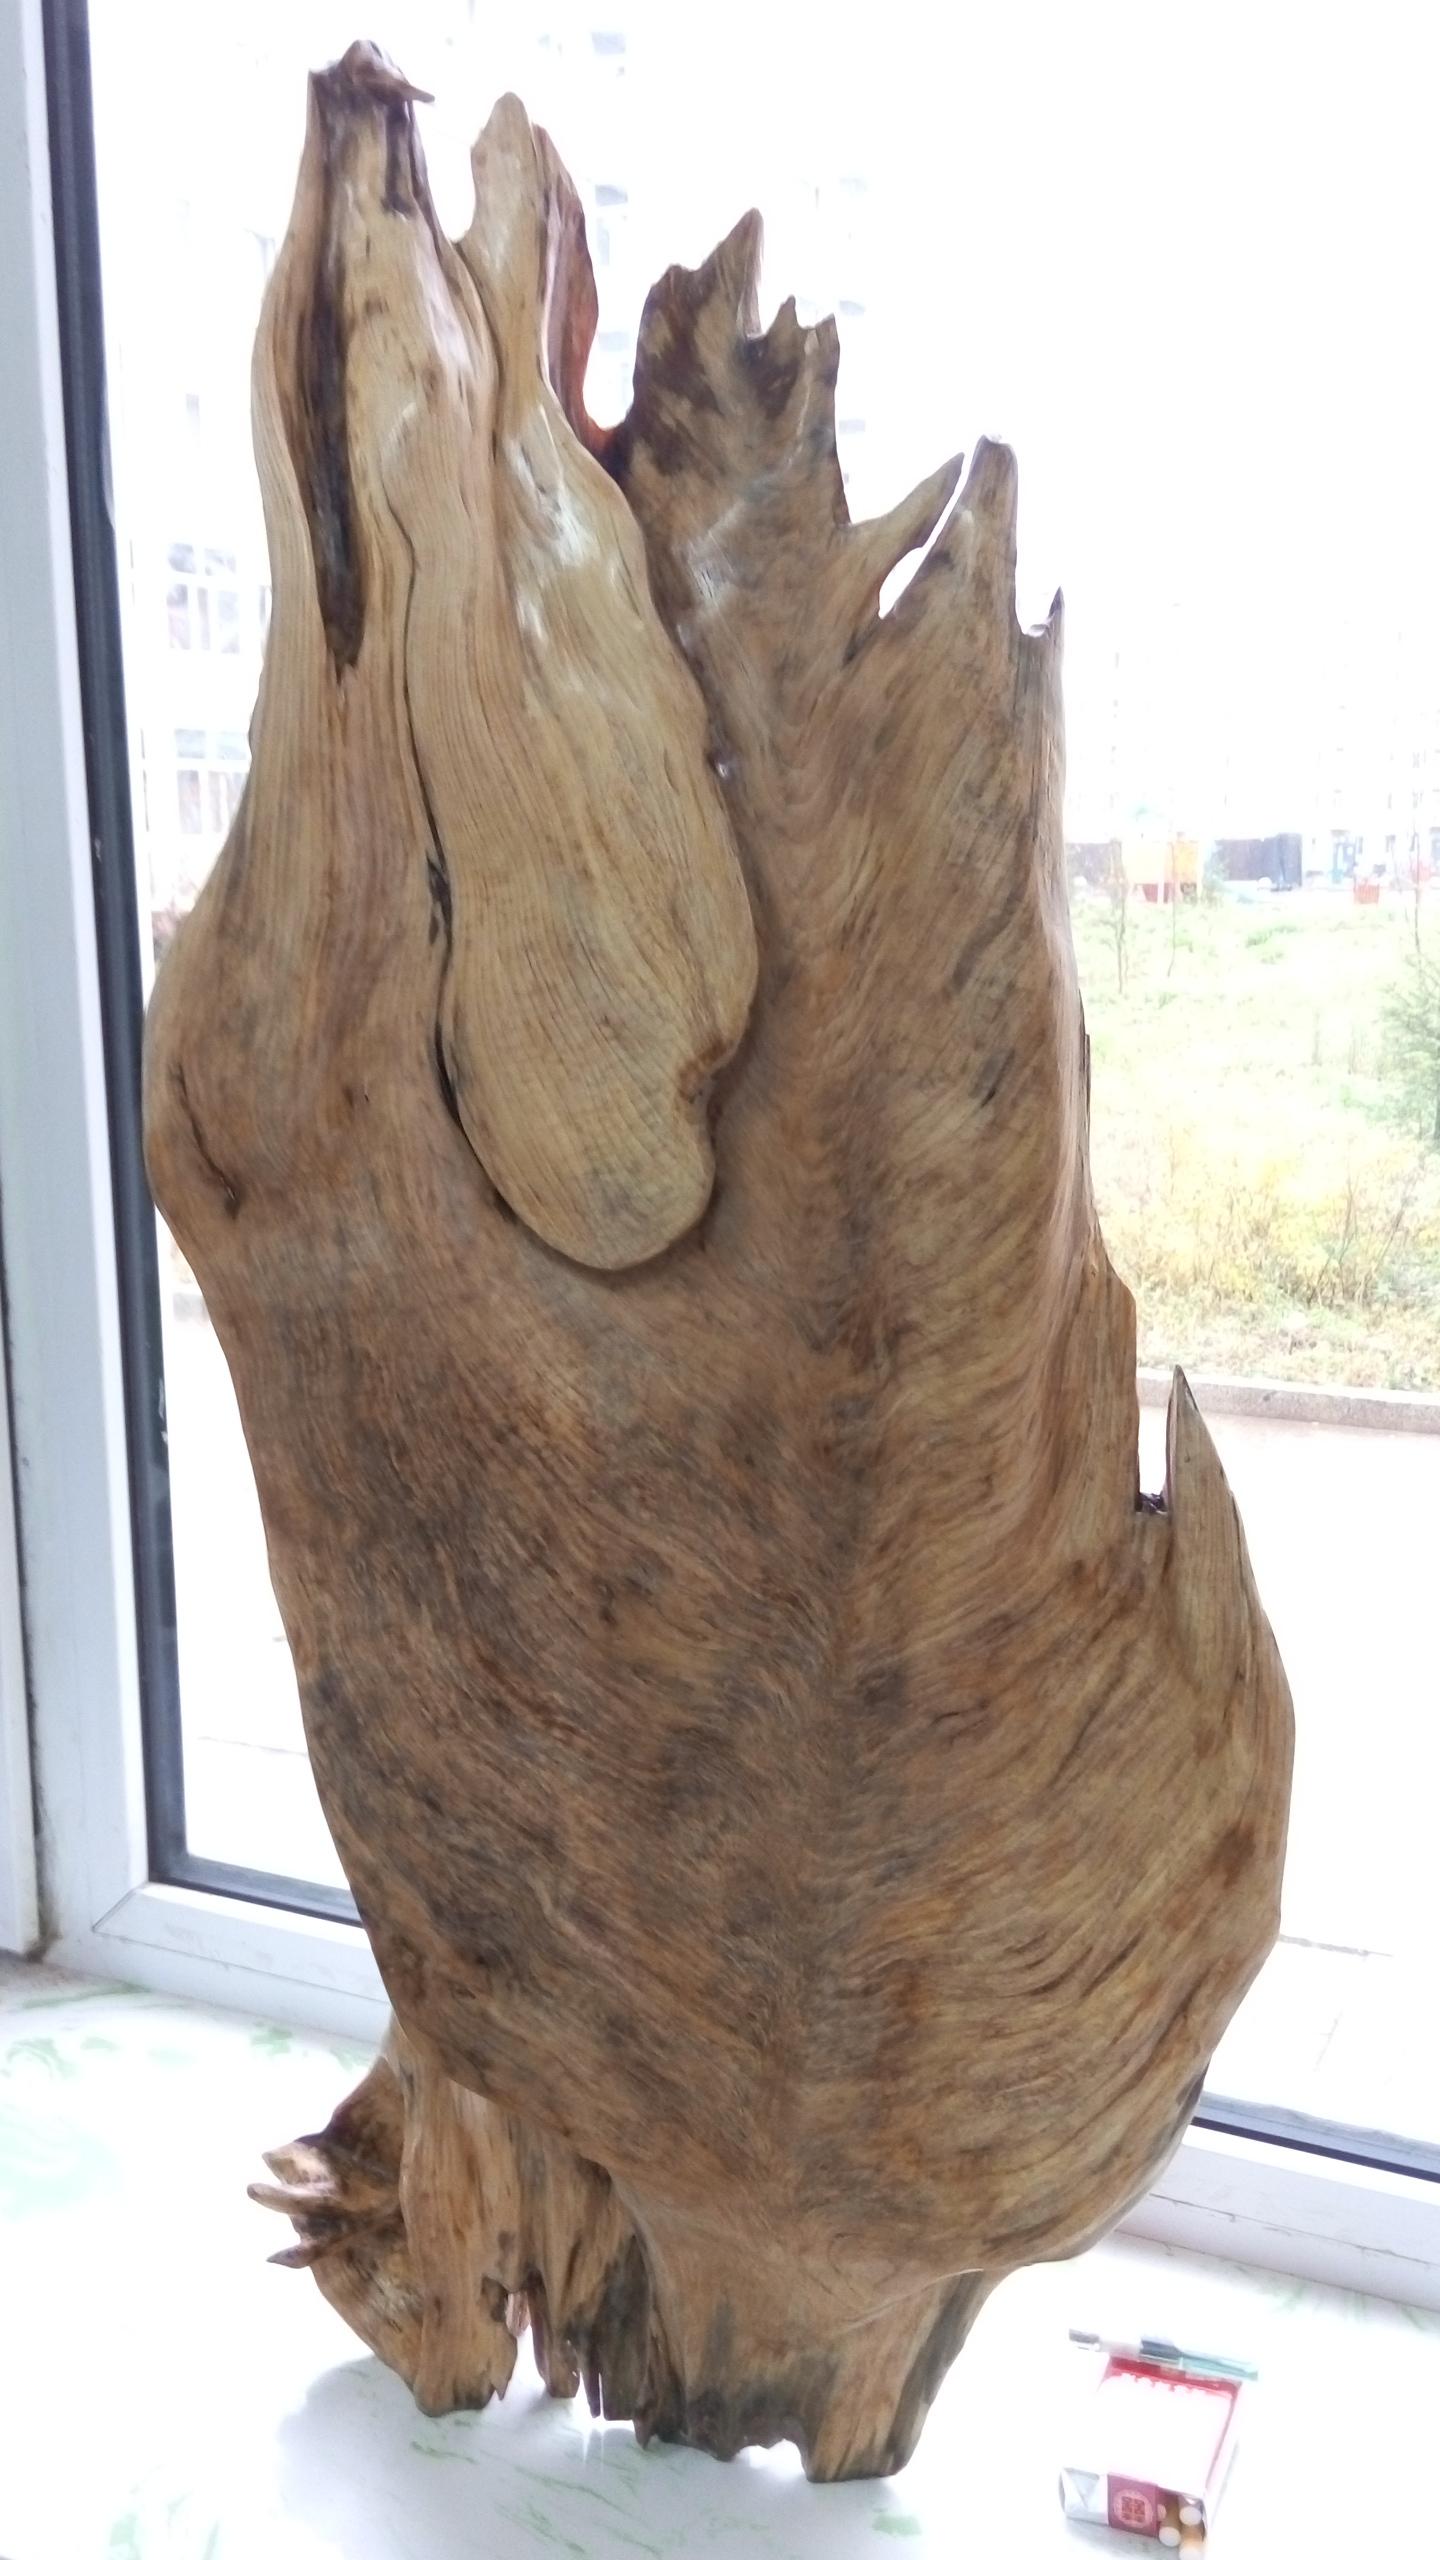 天然根雕东北琥珀木明子根雕阴沉木瘤疤包琥珀崖柏根雕件麻梨疙瘩